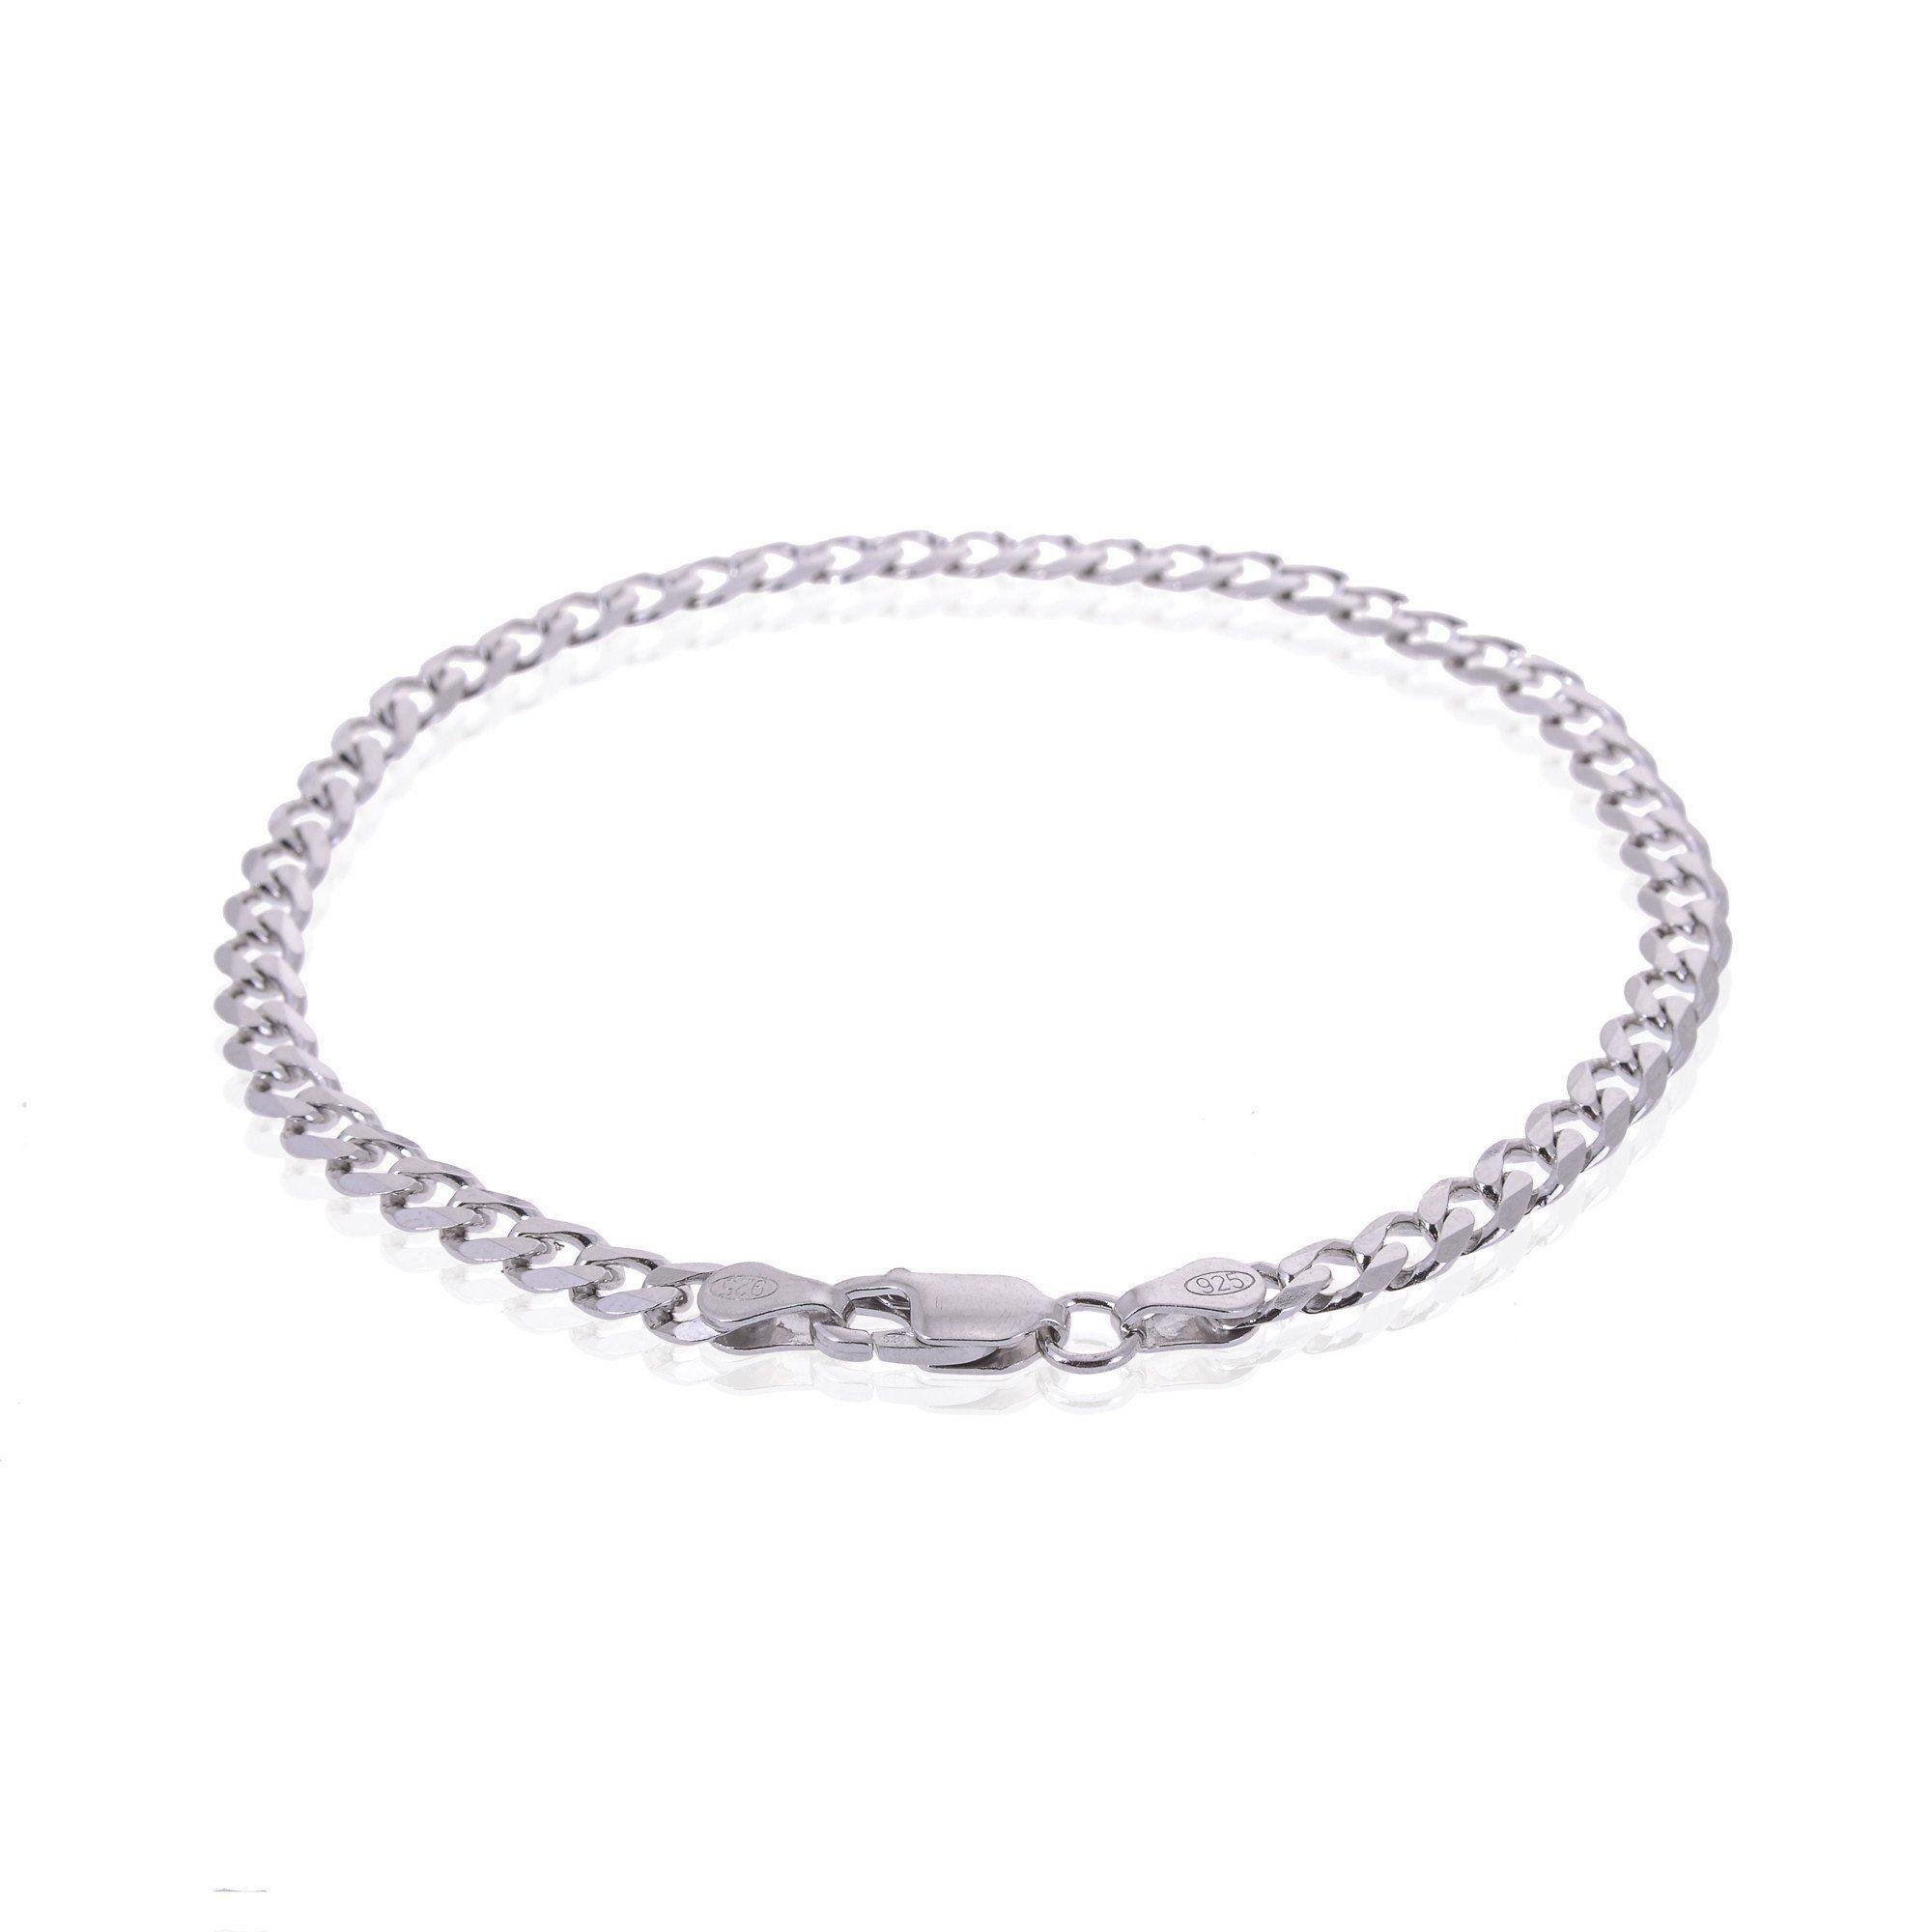 bc2f3ac63e1 Men's Sterling Silver Gourmette Chain Type Bracelet #silver  #antoniomarsocci #jewellery #italiandesign #